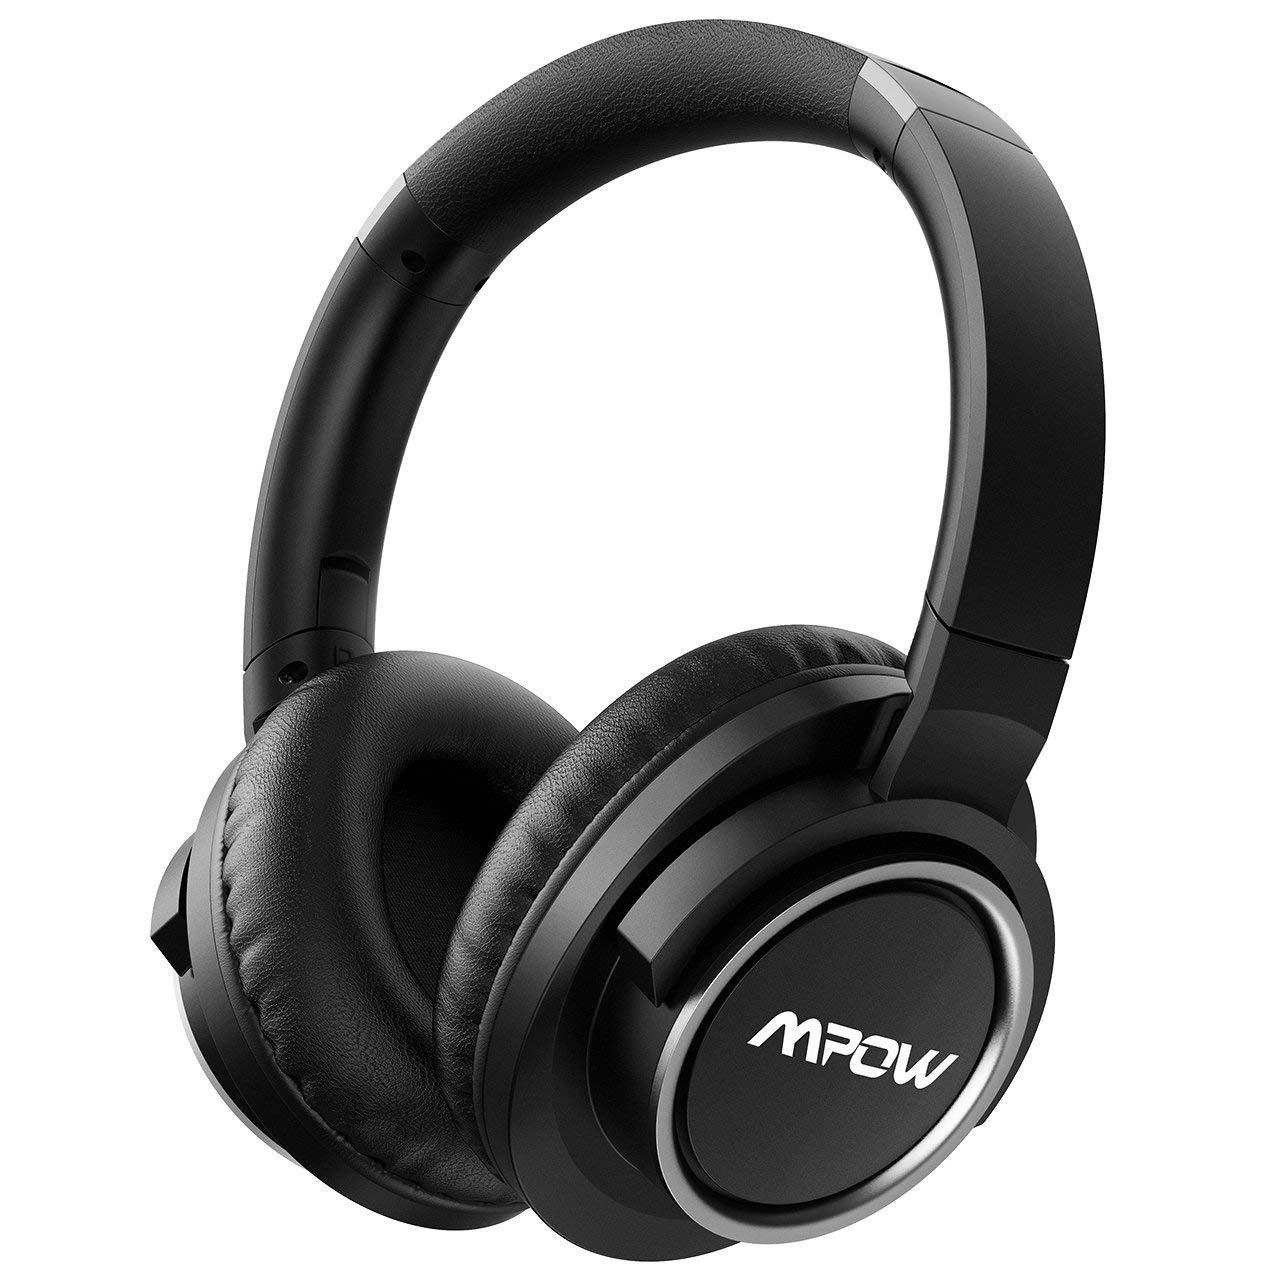 Casque Bluetooth Mpow Réduction De Bruit Active Anc Pliable